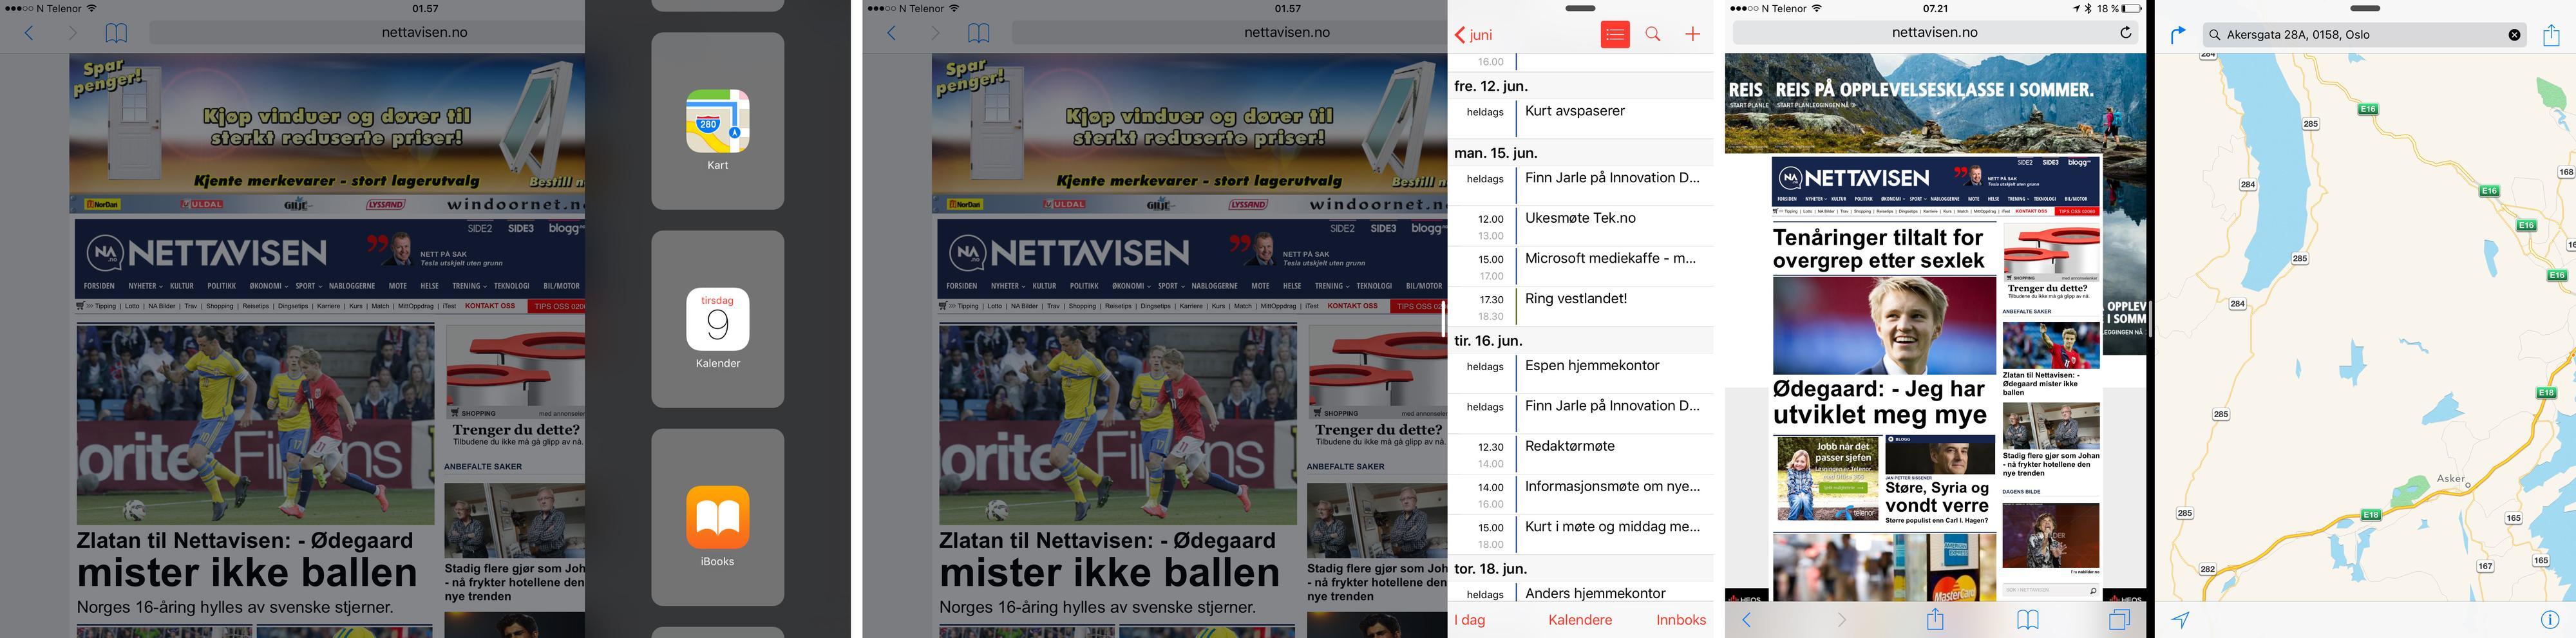 På bildene til venstre og i midten ser du den såkalte Slide Over-funksjonaliteten. Den blir tilgjengelig på alle iPader, mens Split View som du ser helt til høyre er forbeholdt toppmodellen iPad Air 2. Foto: Finn Jarle Kvalheim, Tek.no